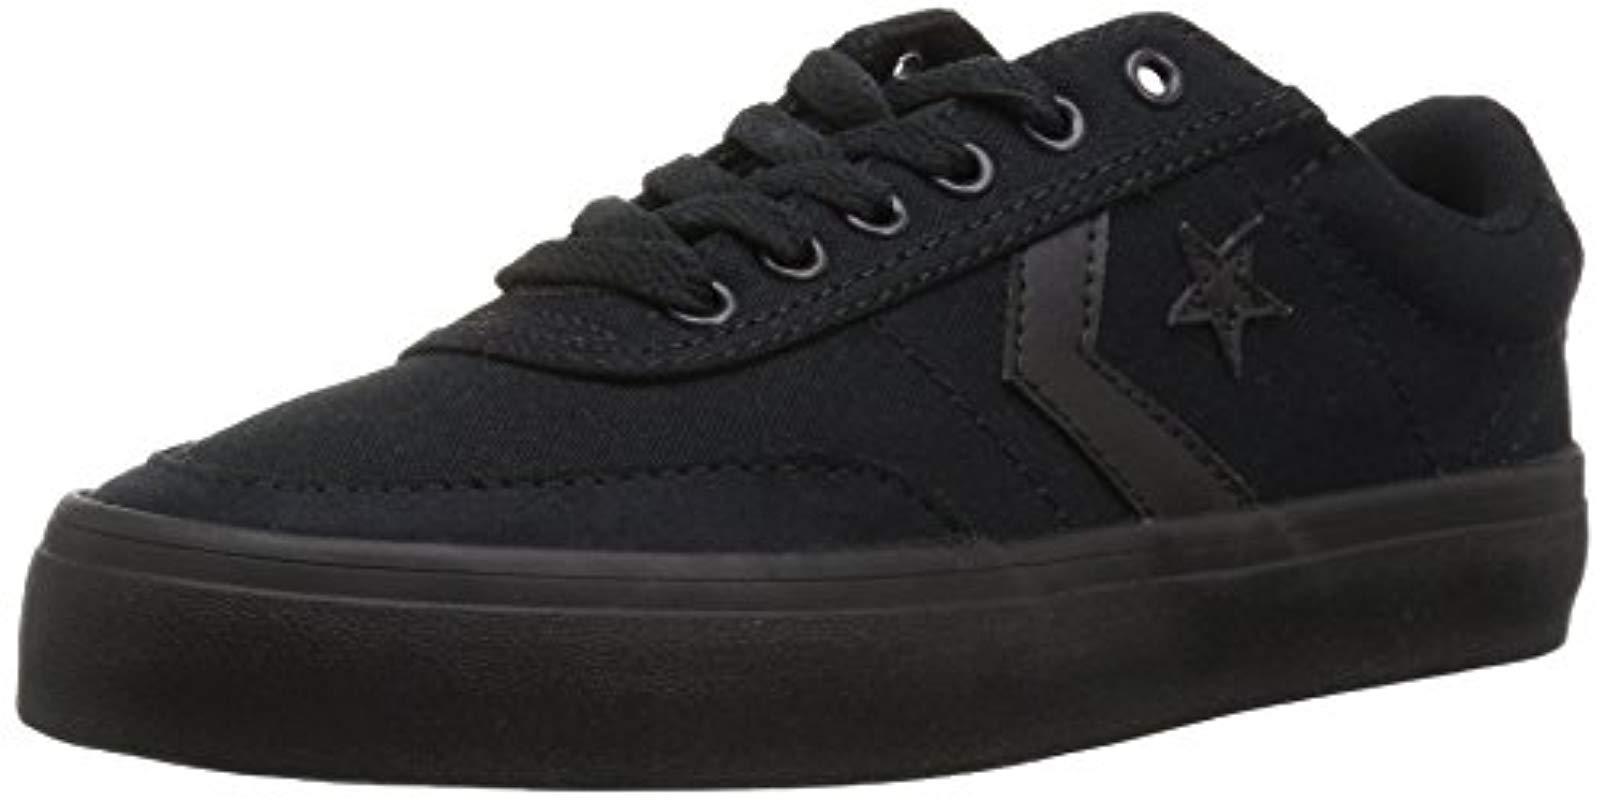 Courtlandt Low Top Sneaker in Black